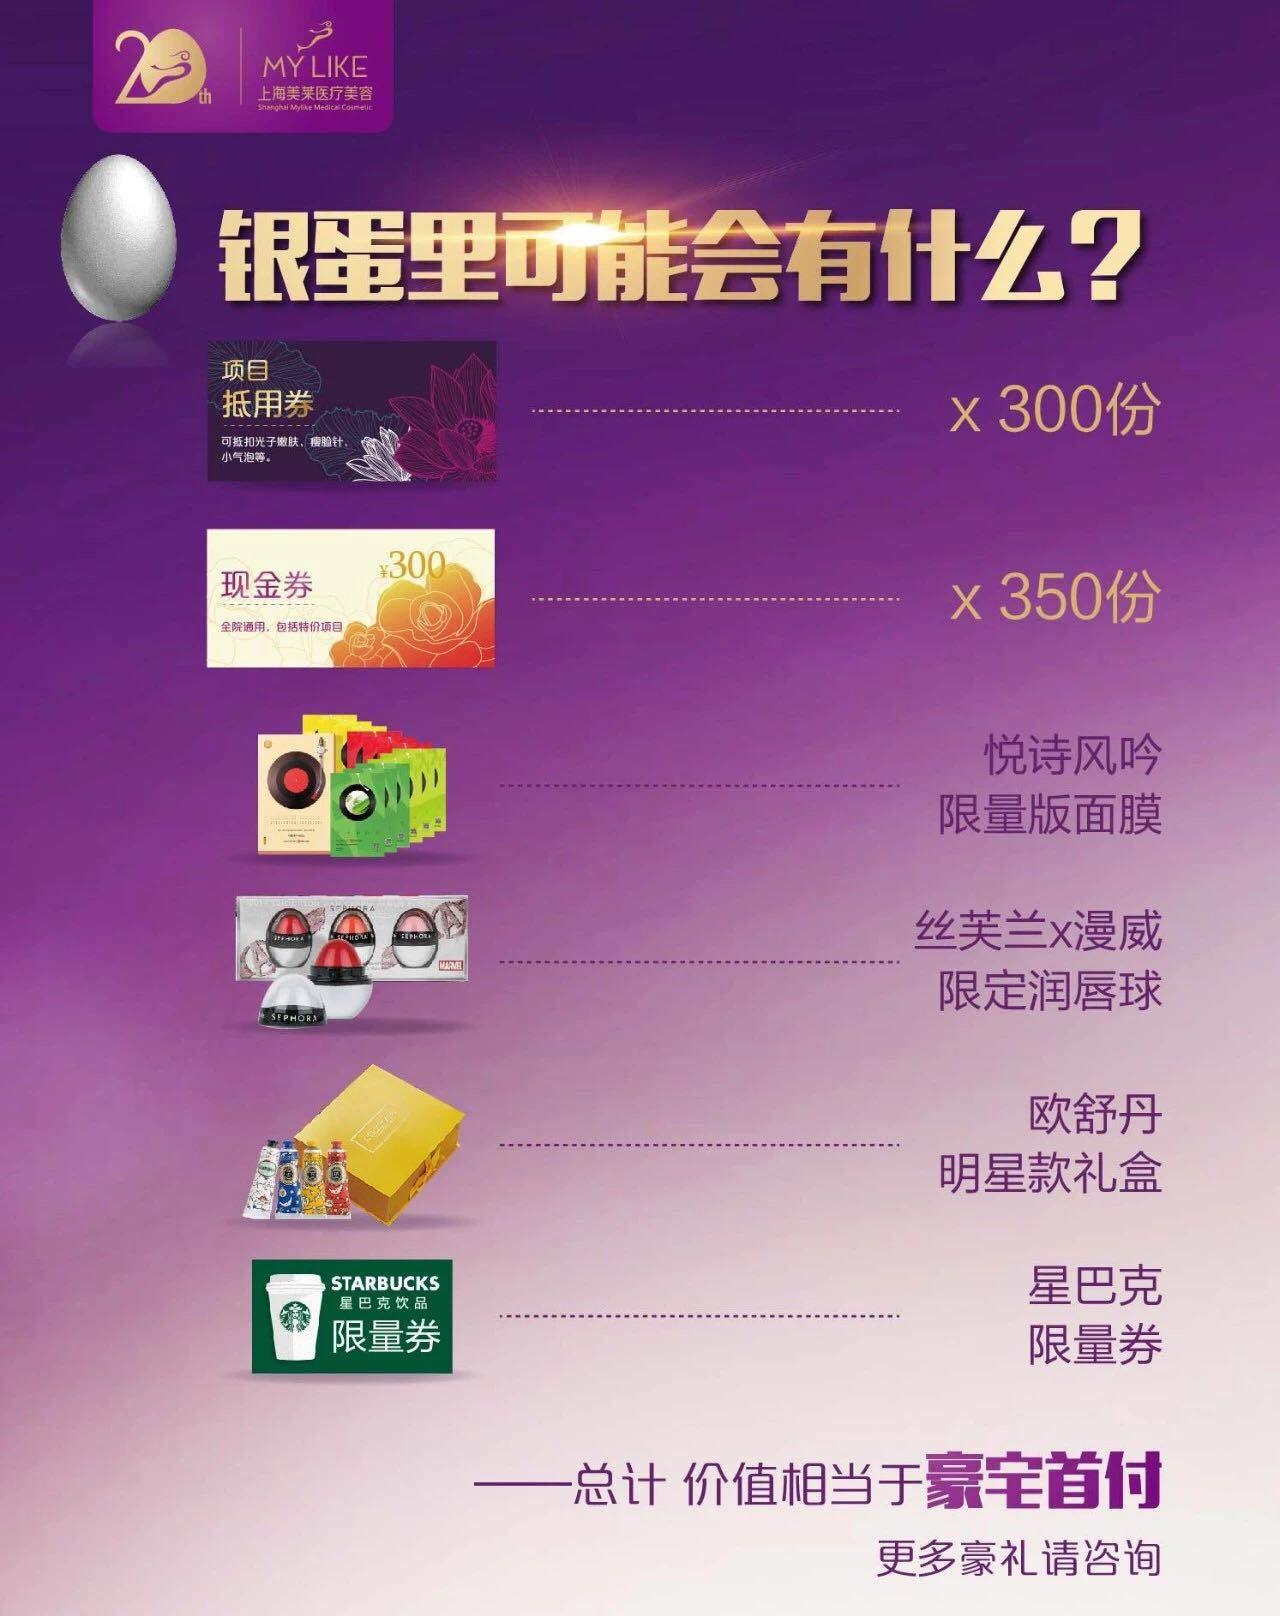 上海美莱到院就送10000元现金券是真的吗